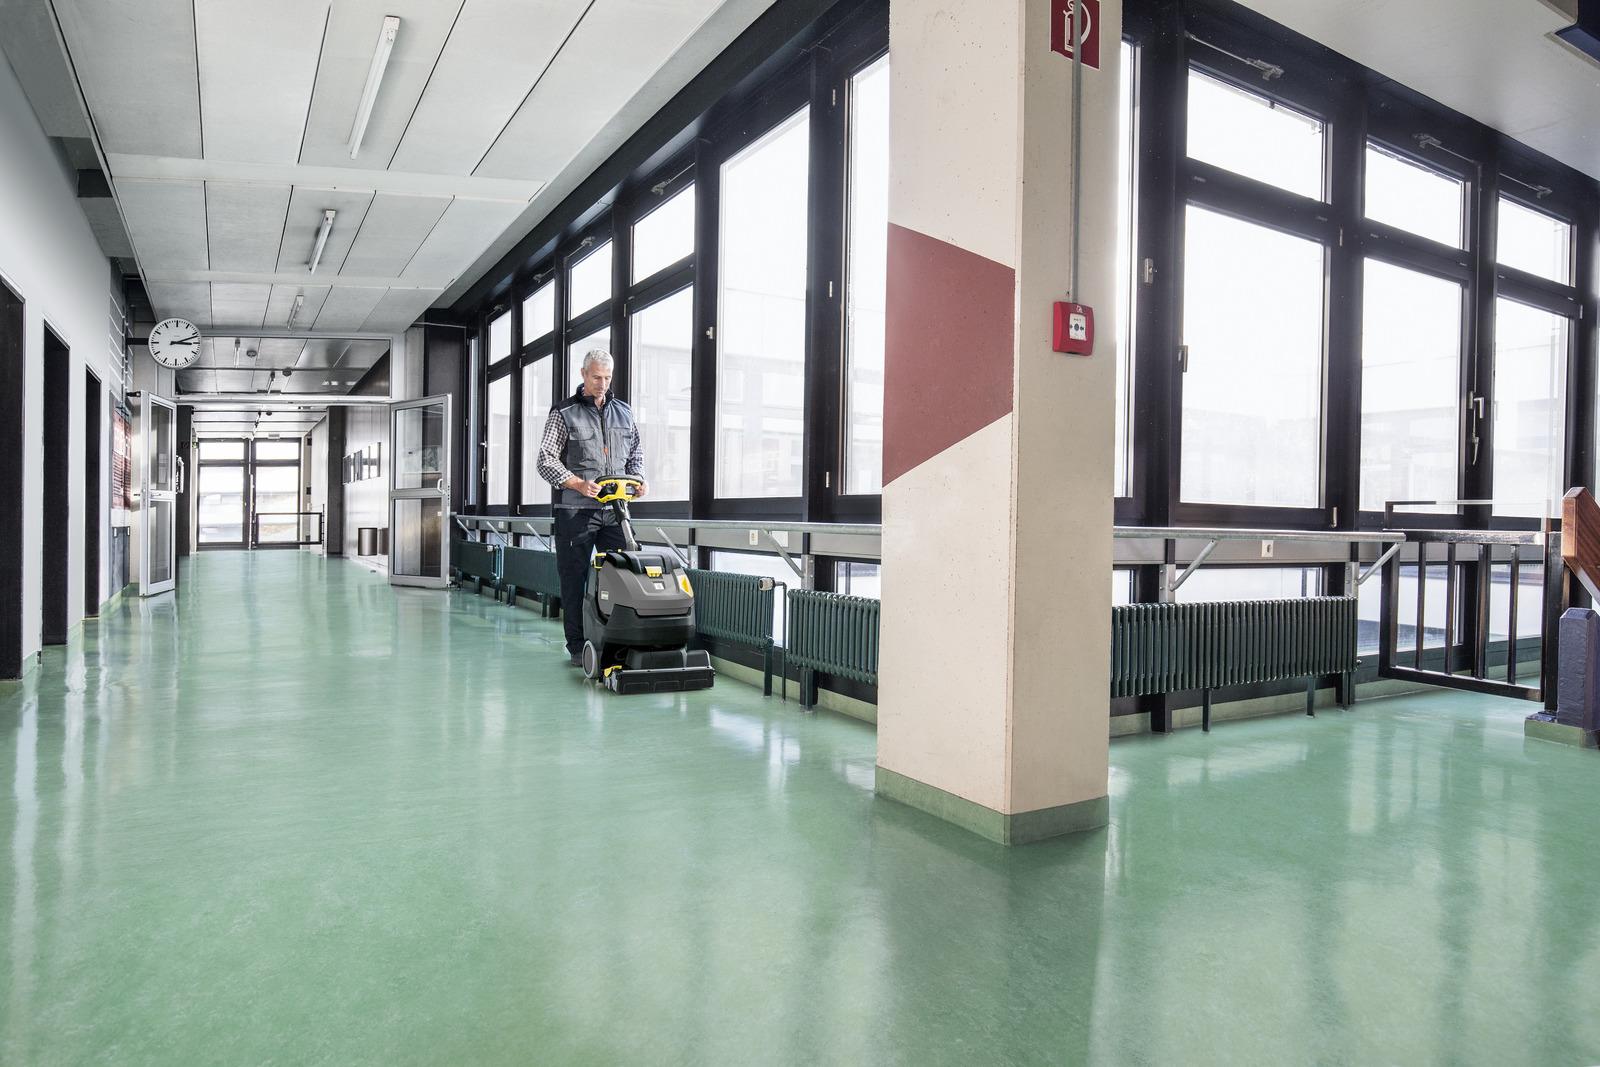 Lavasciuga pavimenti compatte br 45 22 c k rcher s p a for Migliore lavasciuga